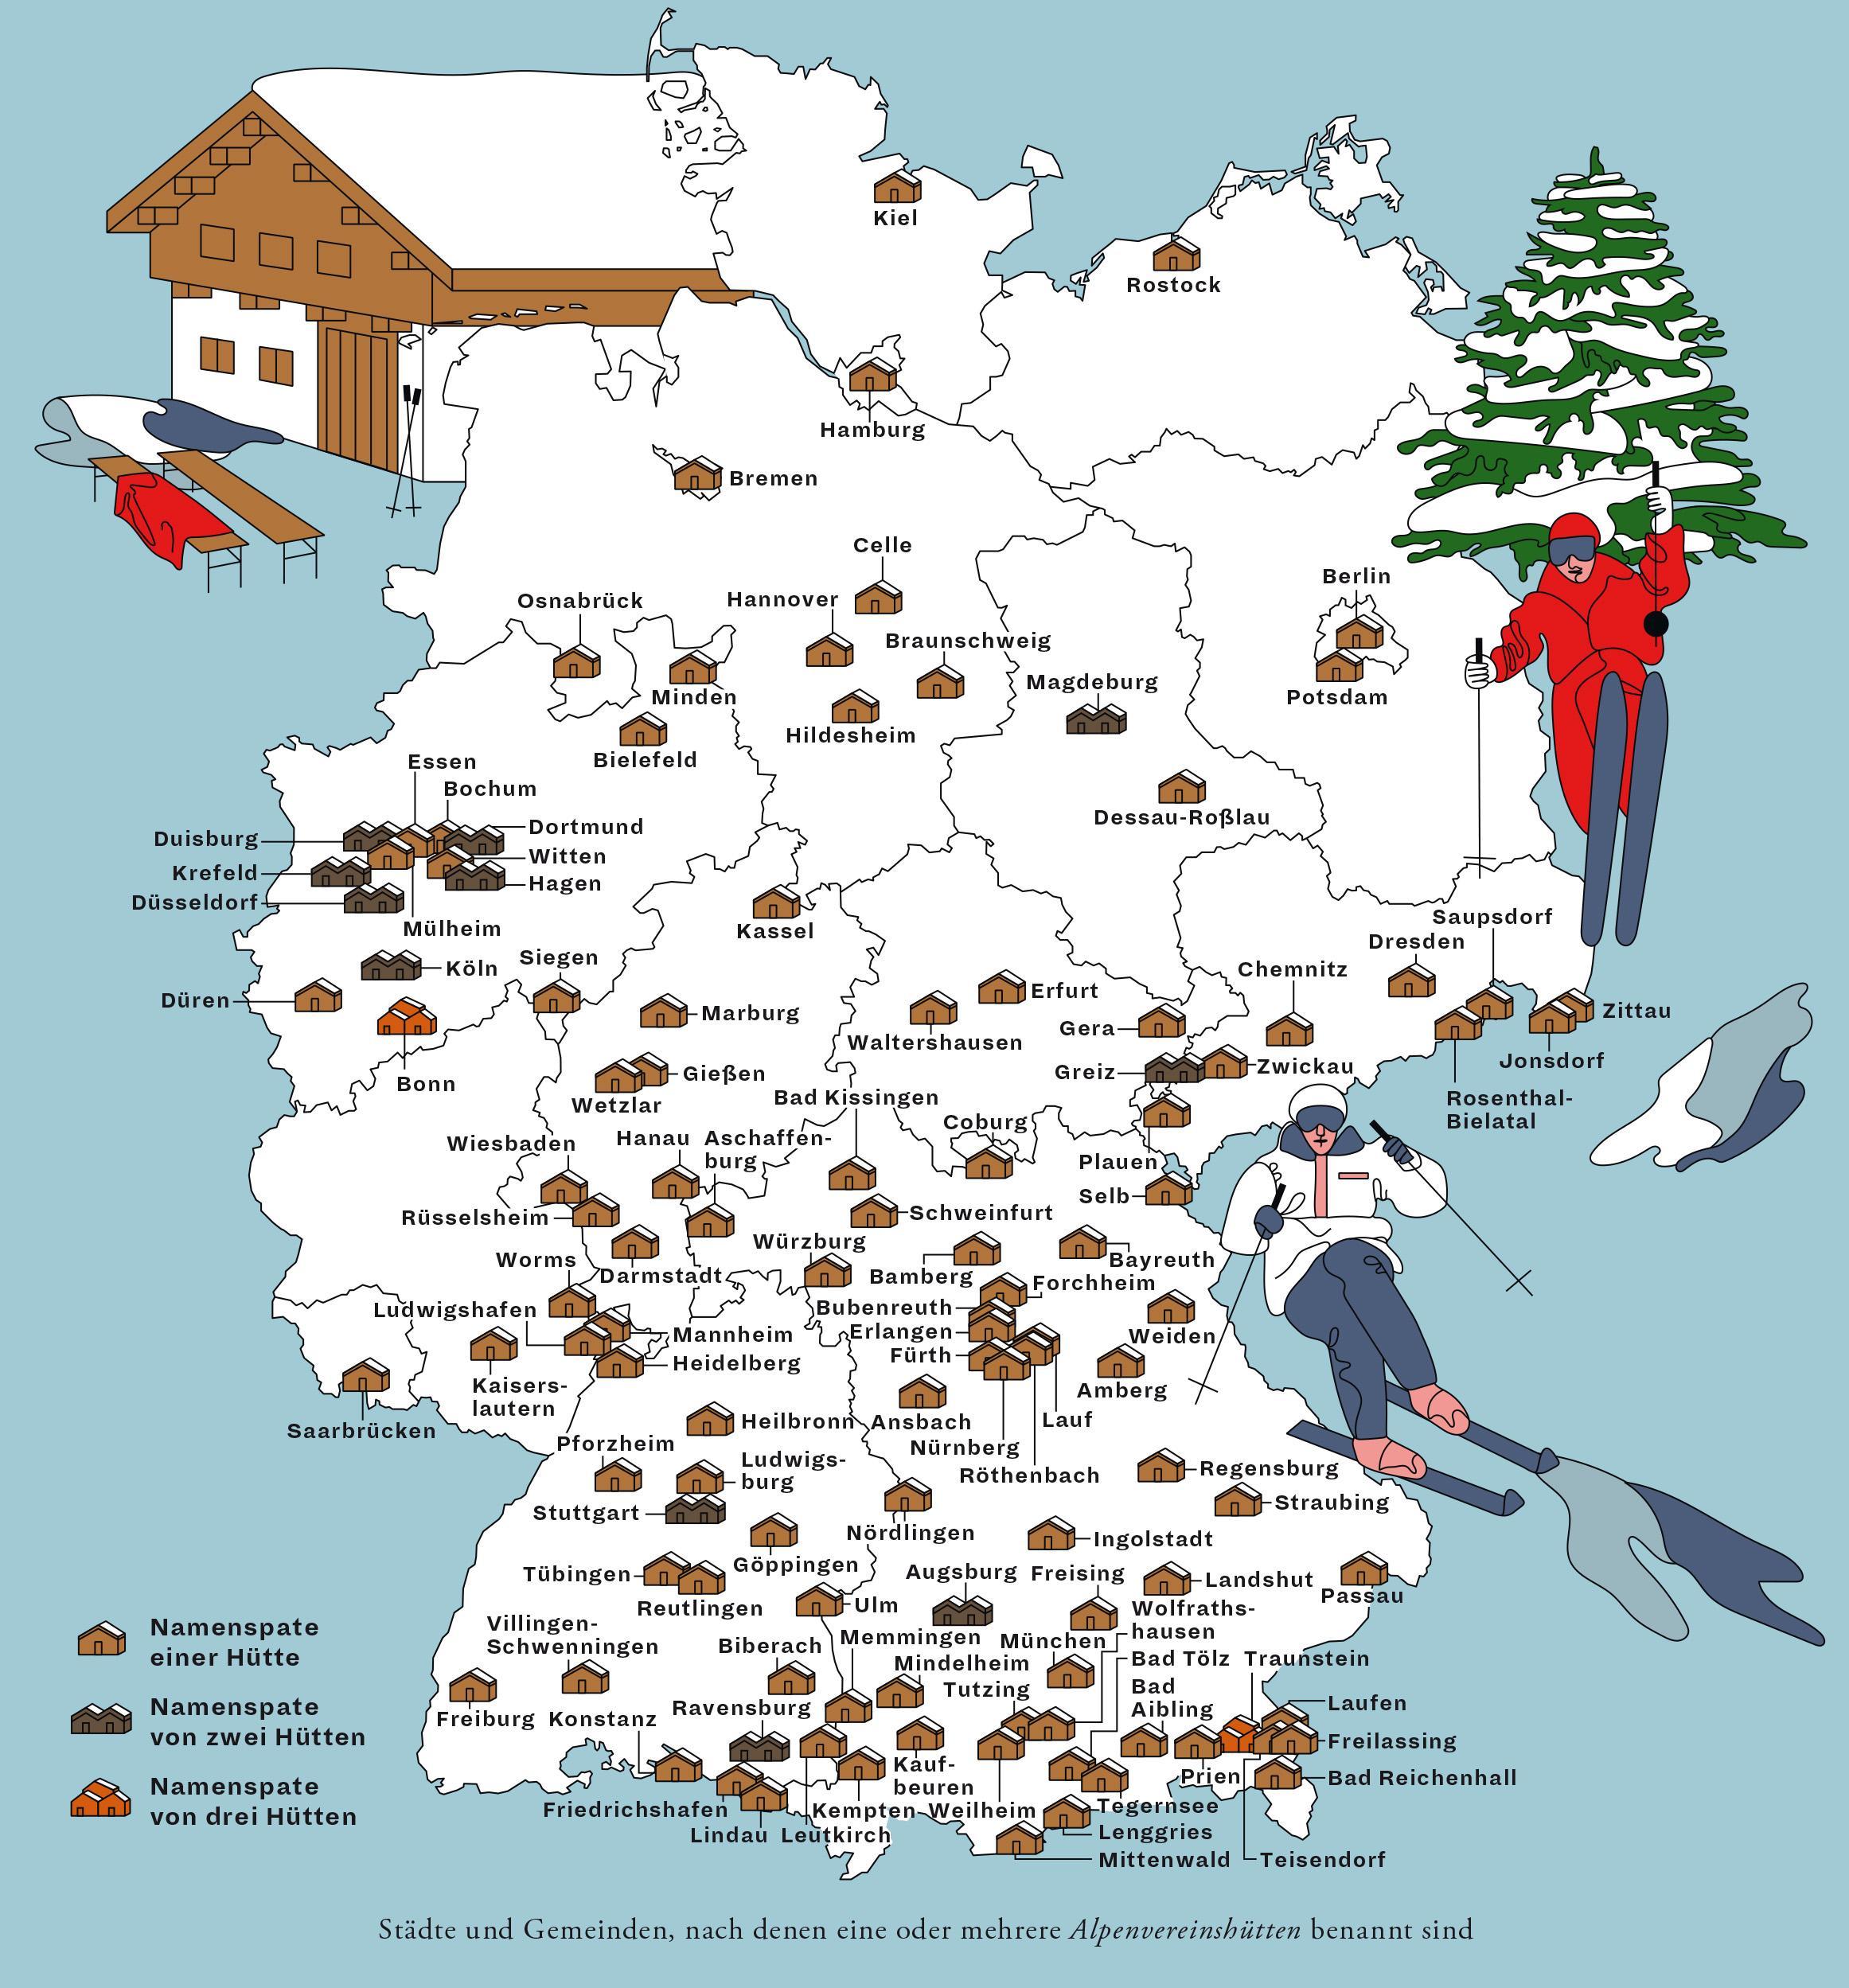 Deutschlandkarte: Namensgeber von Alpenvereinshütten